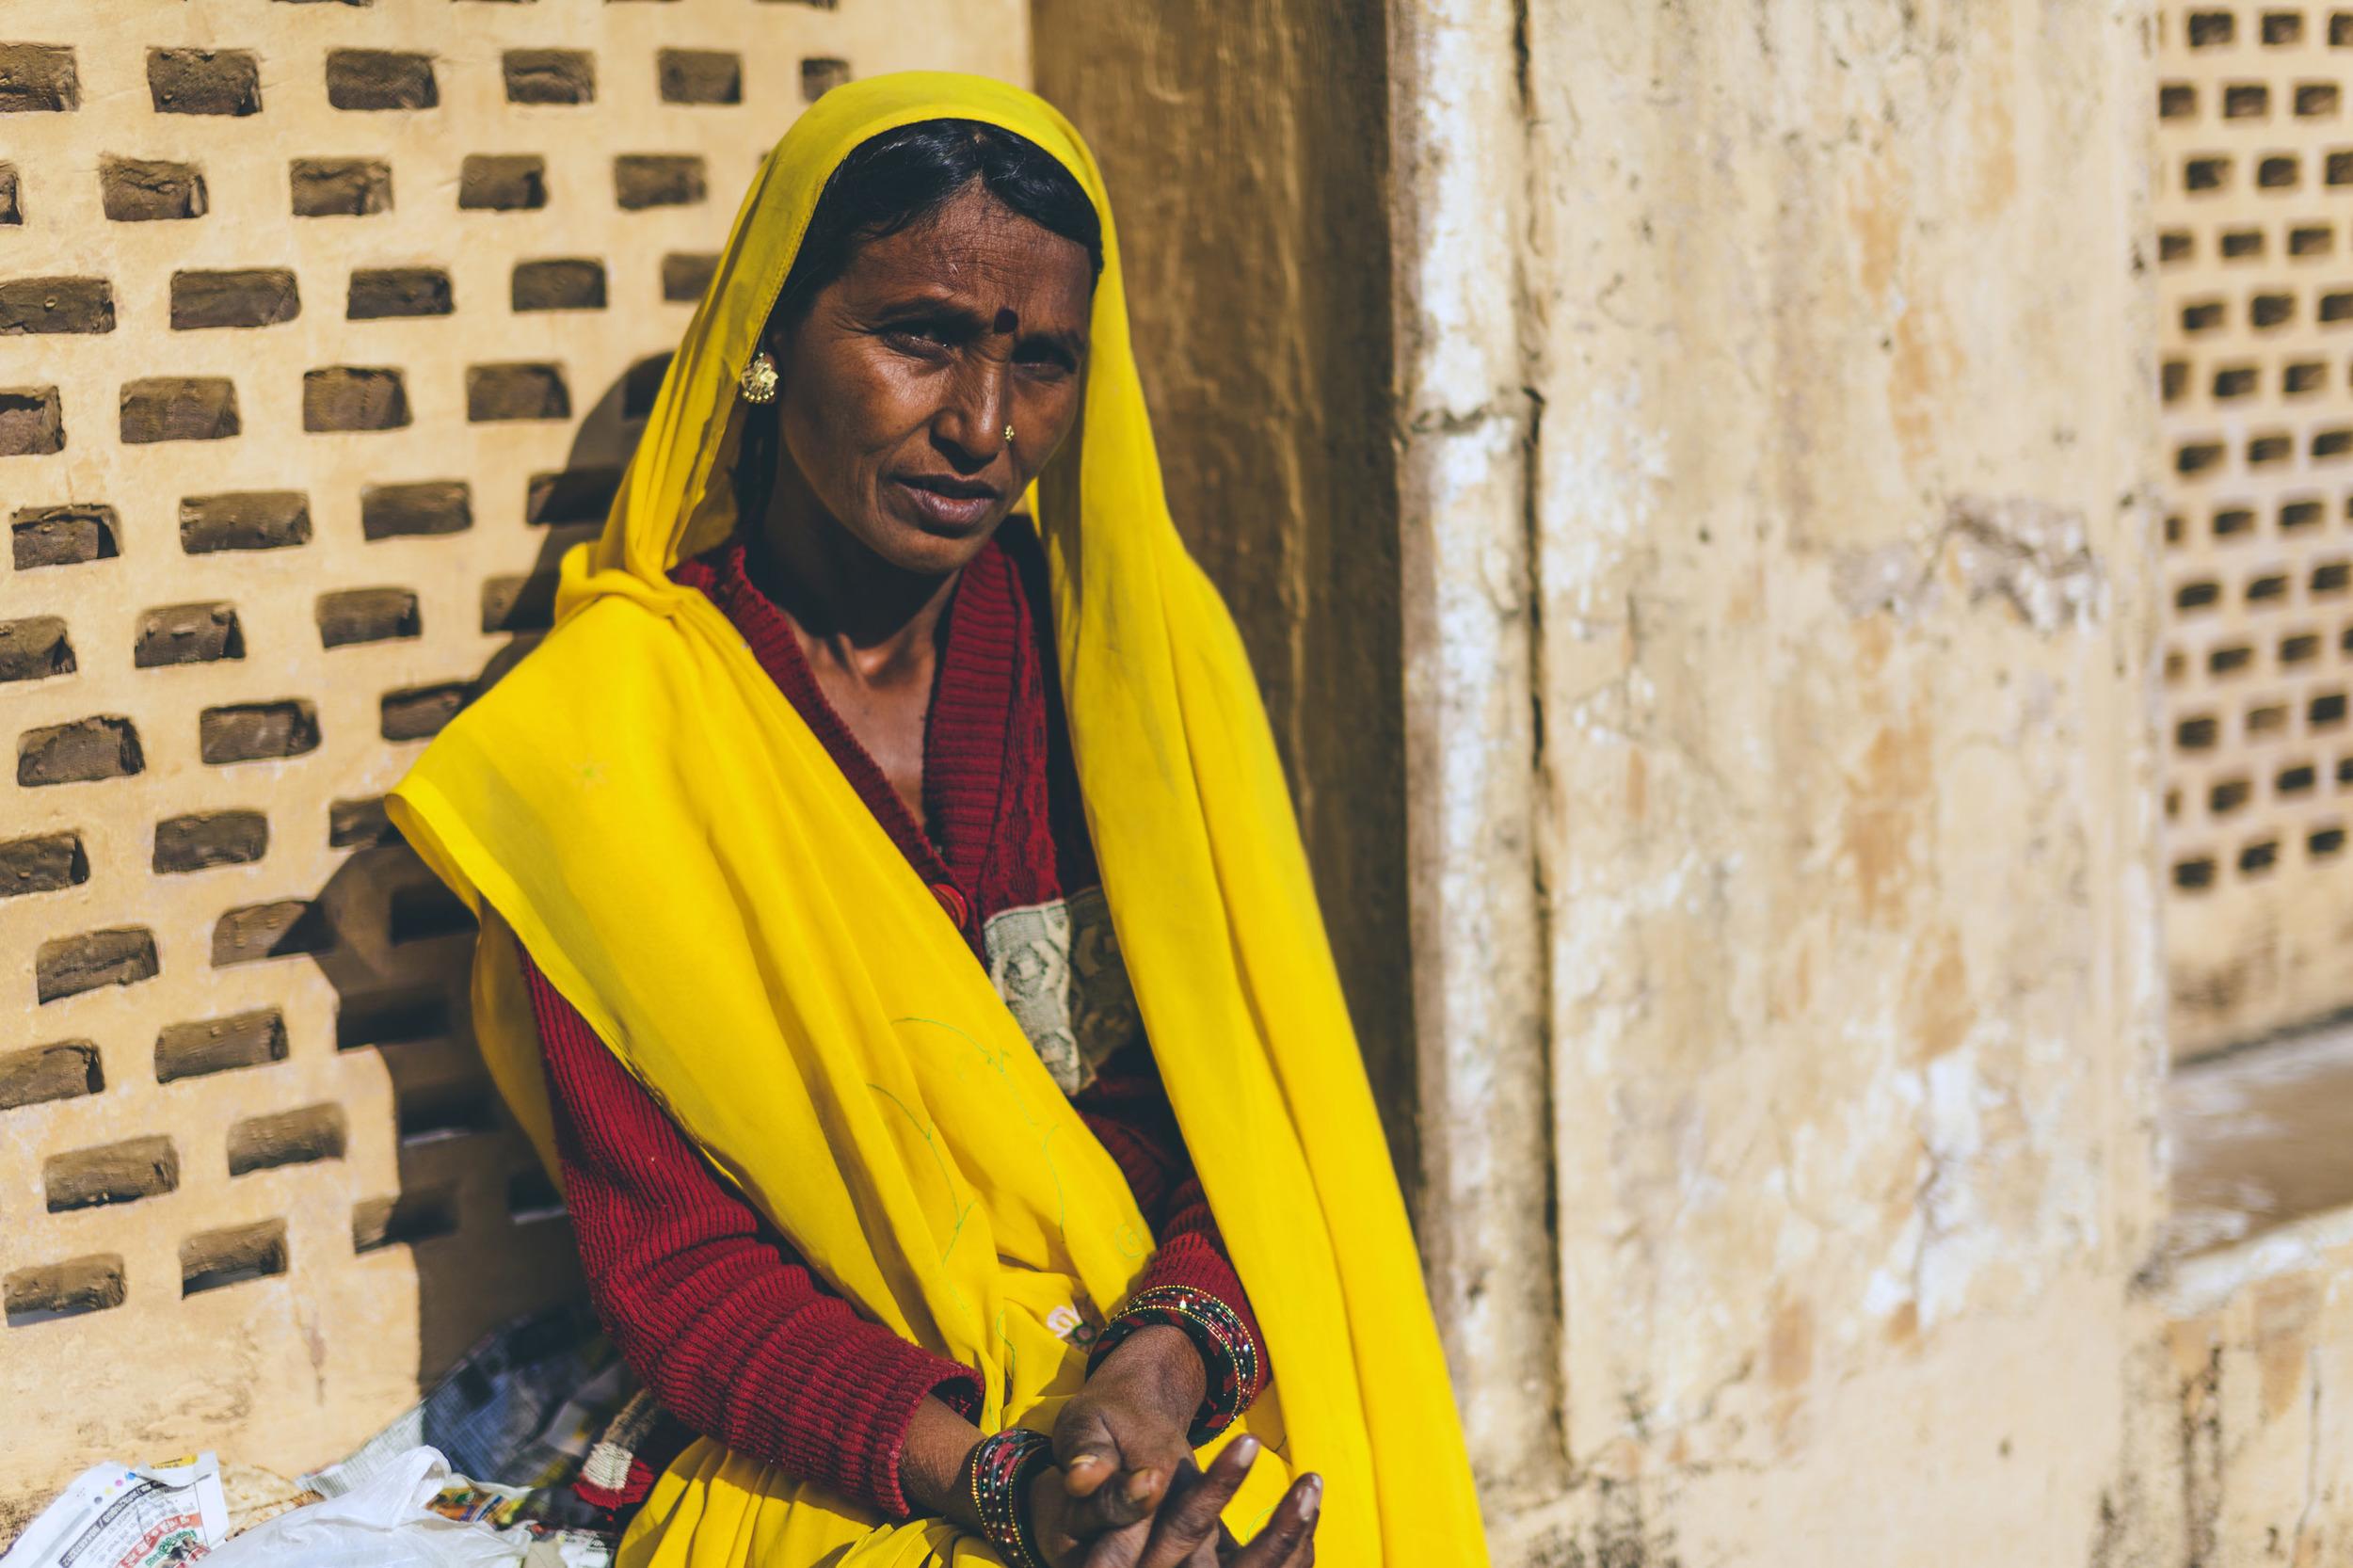 Jaipur_MG_5103 RLR.jpg